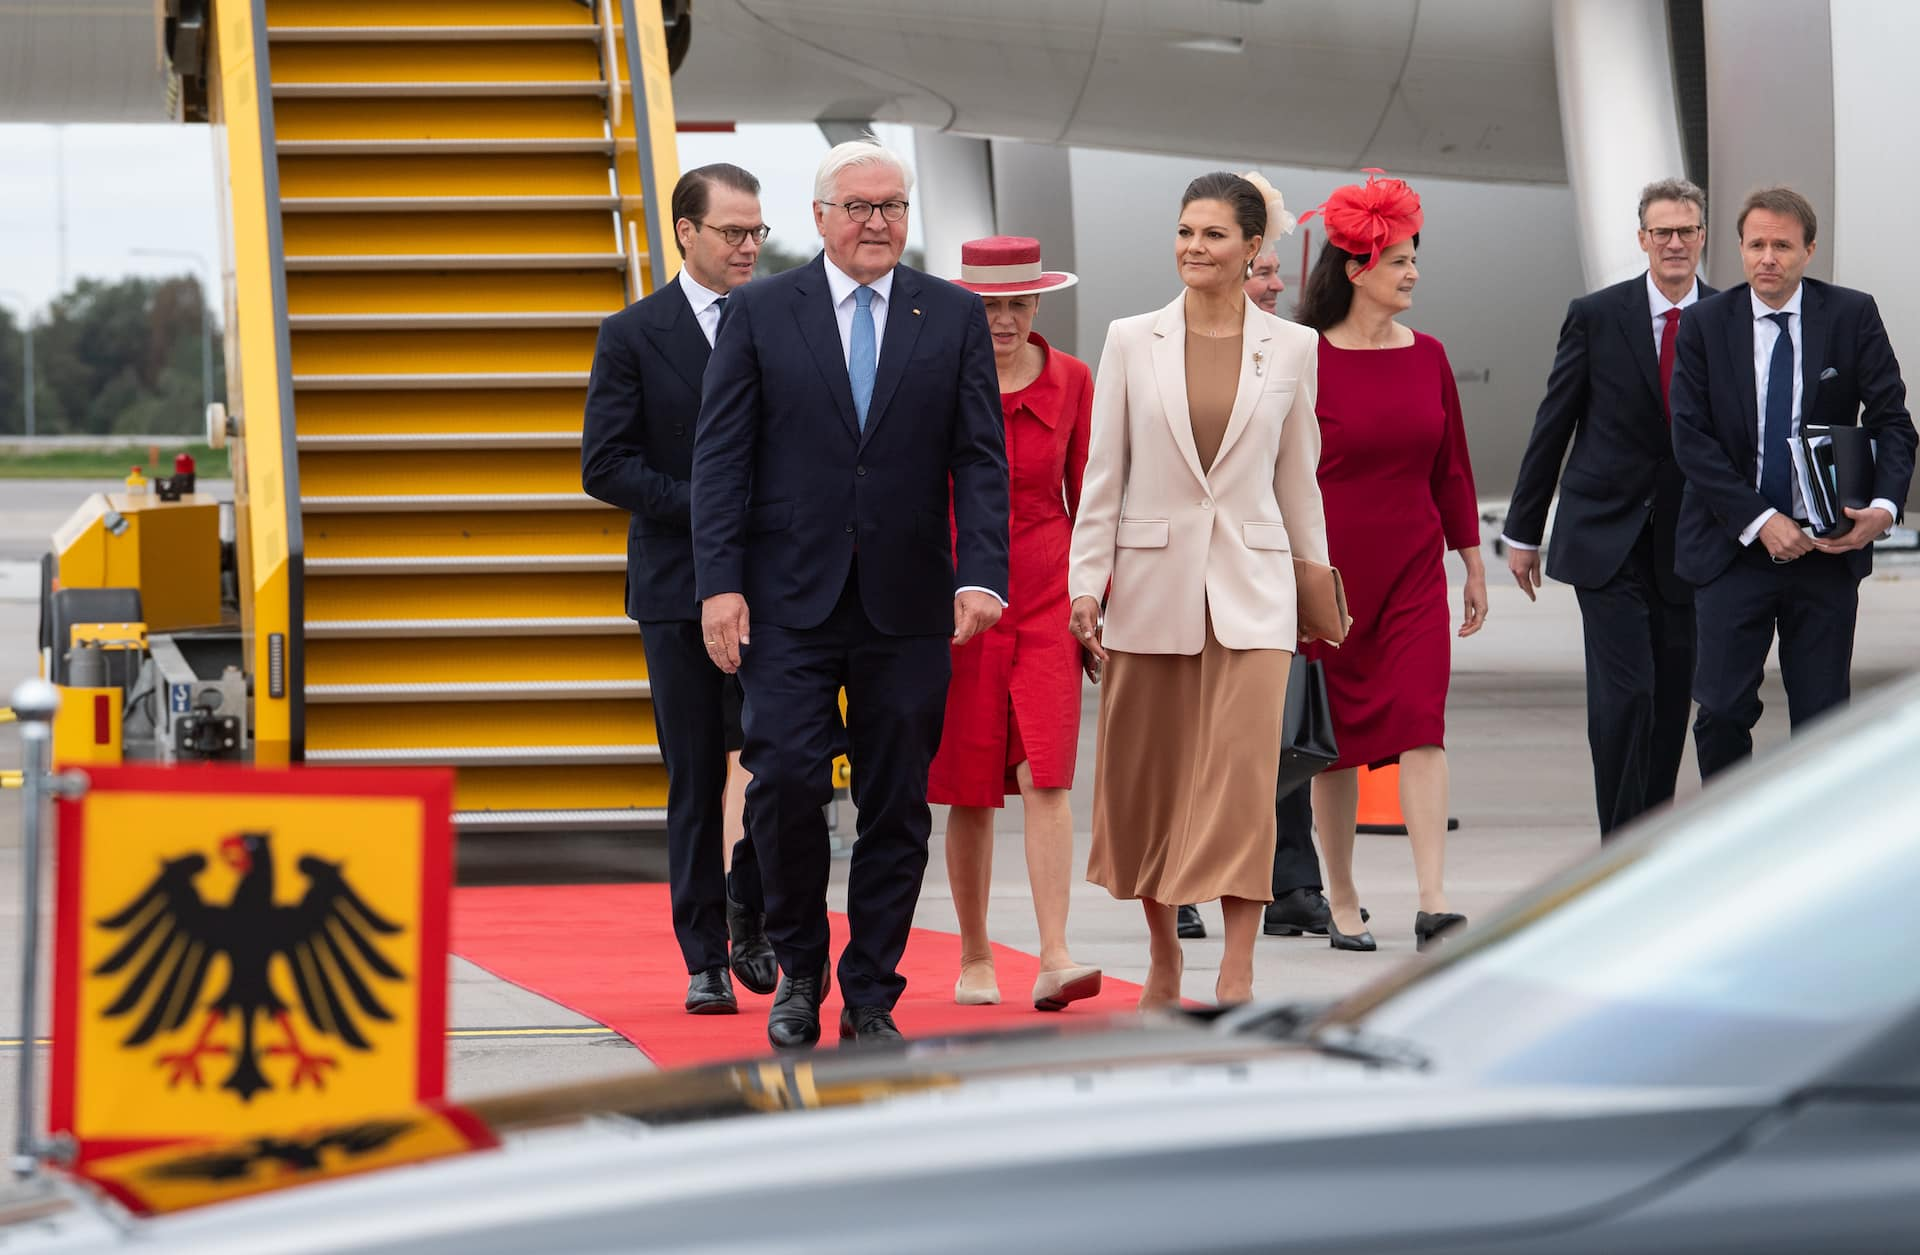 Kronprinzessin Victoria und Prinz Daniel haben Frank-Walter Steinmeier am Flughafen in Empfang genommen. Der Bundespräsident und seine Frau bleiben drei Tage auf Staatsbesuch in Schweden.